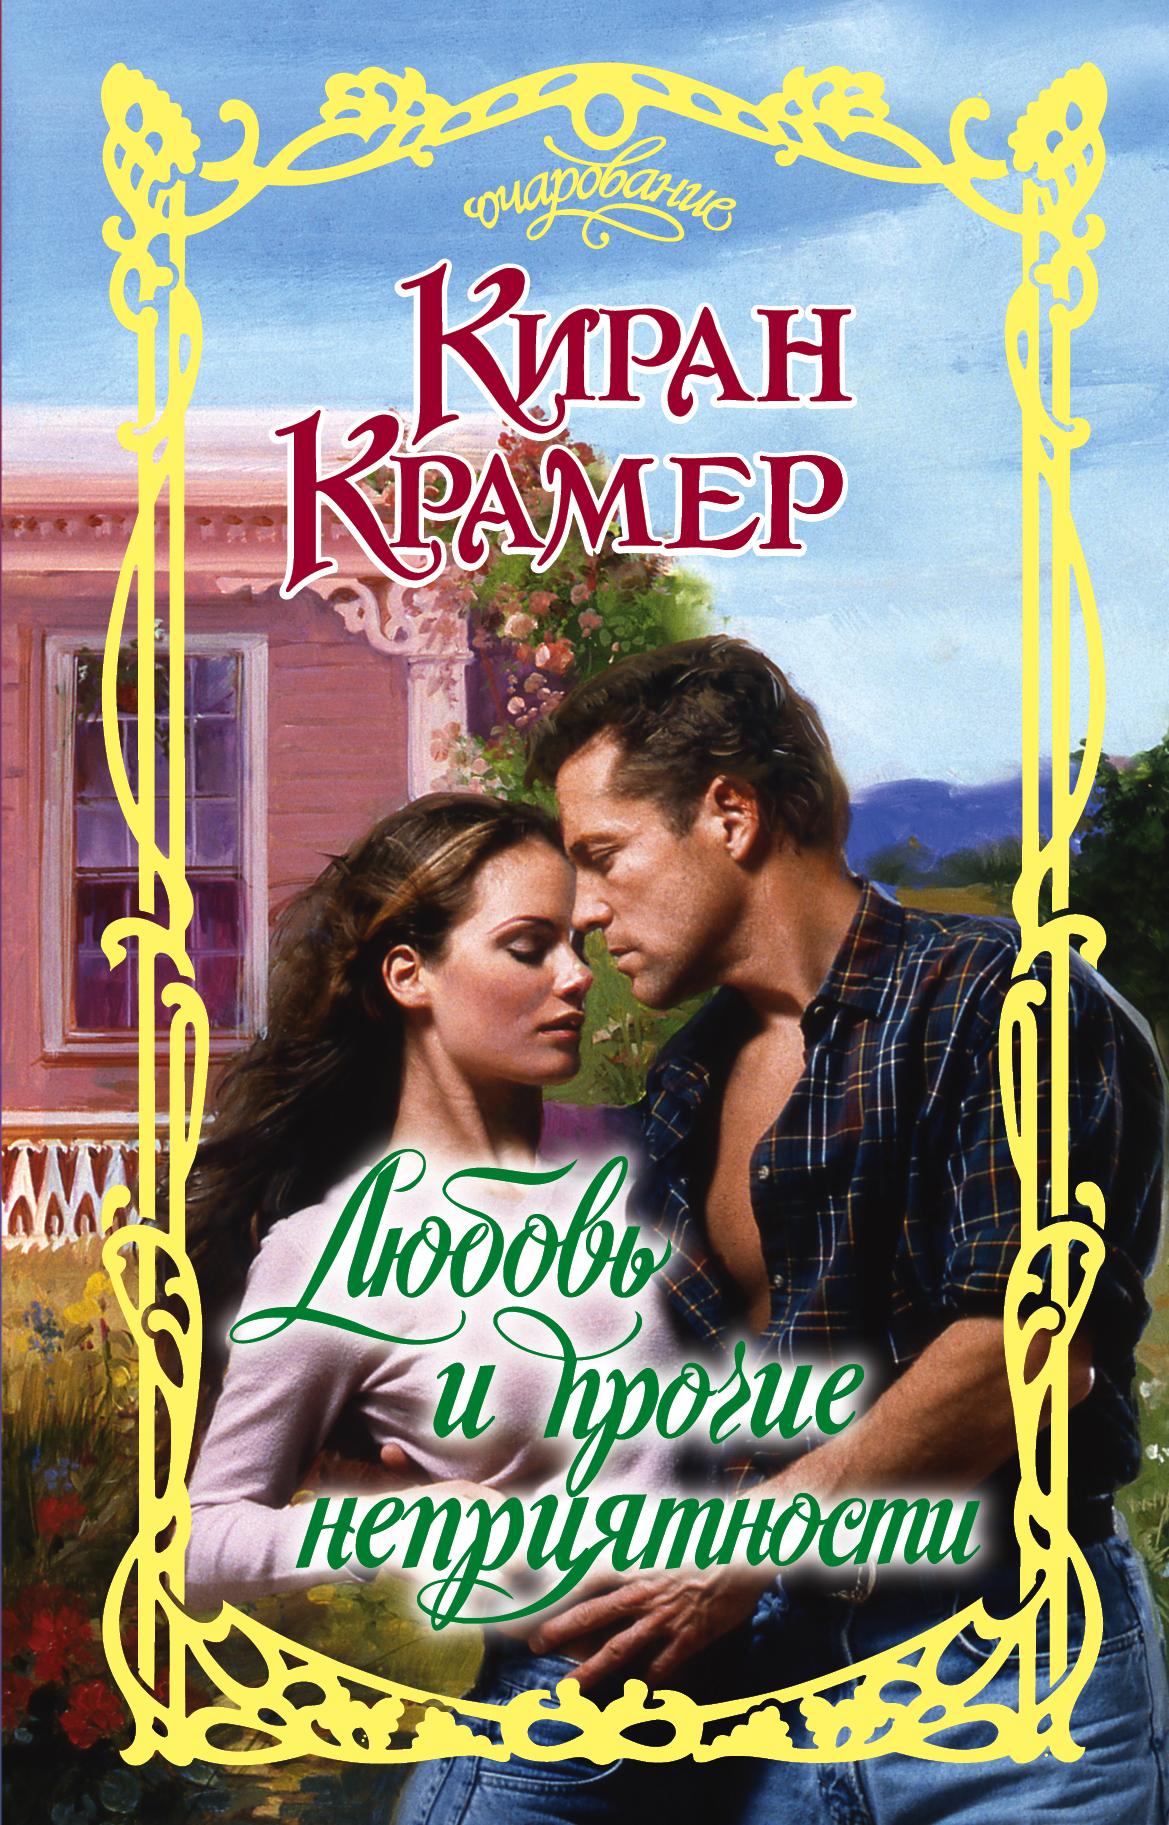 Крамер Киран Любовь и прочие неприятности крамер киран мой граф